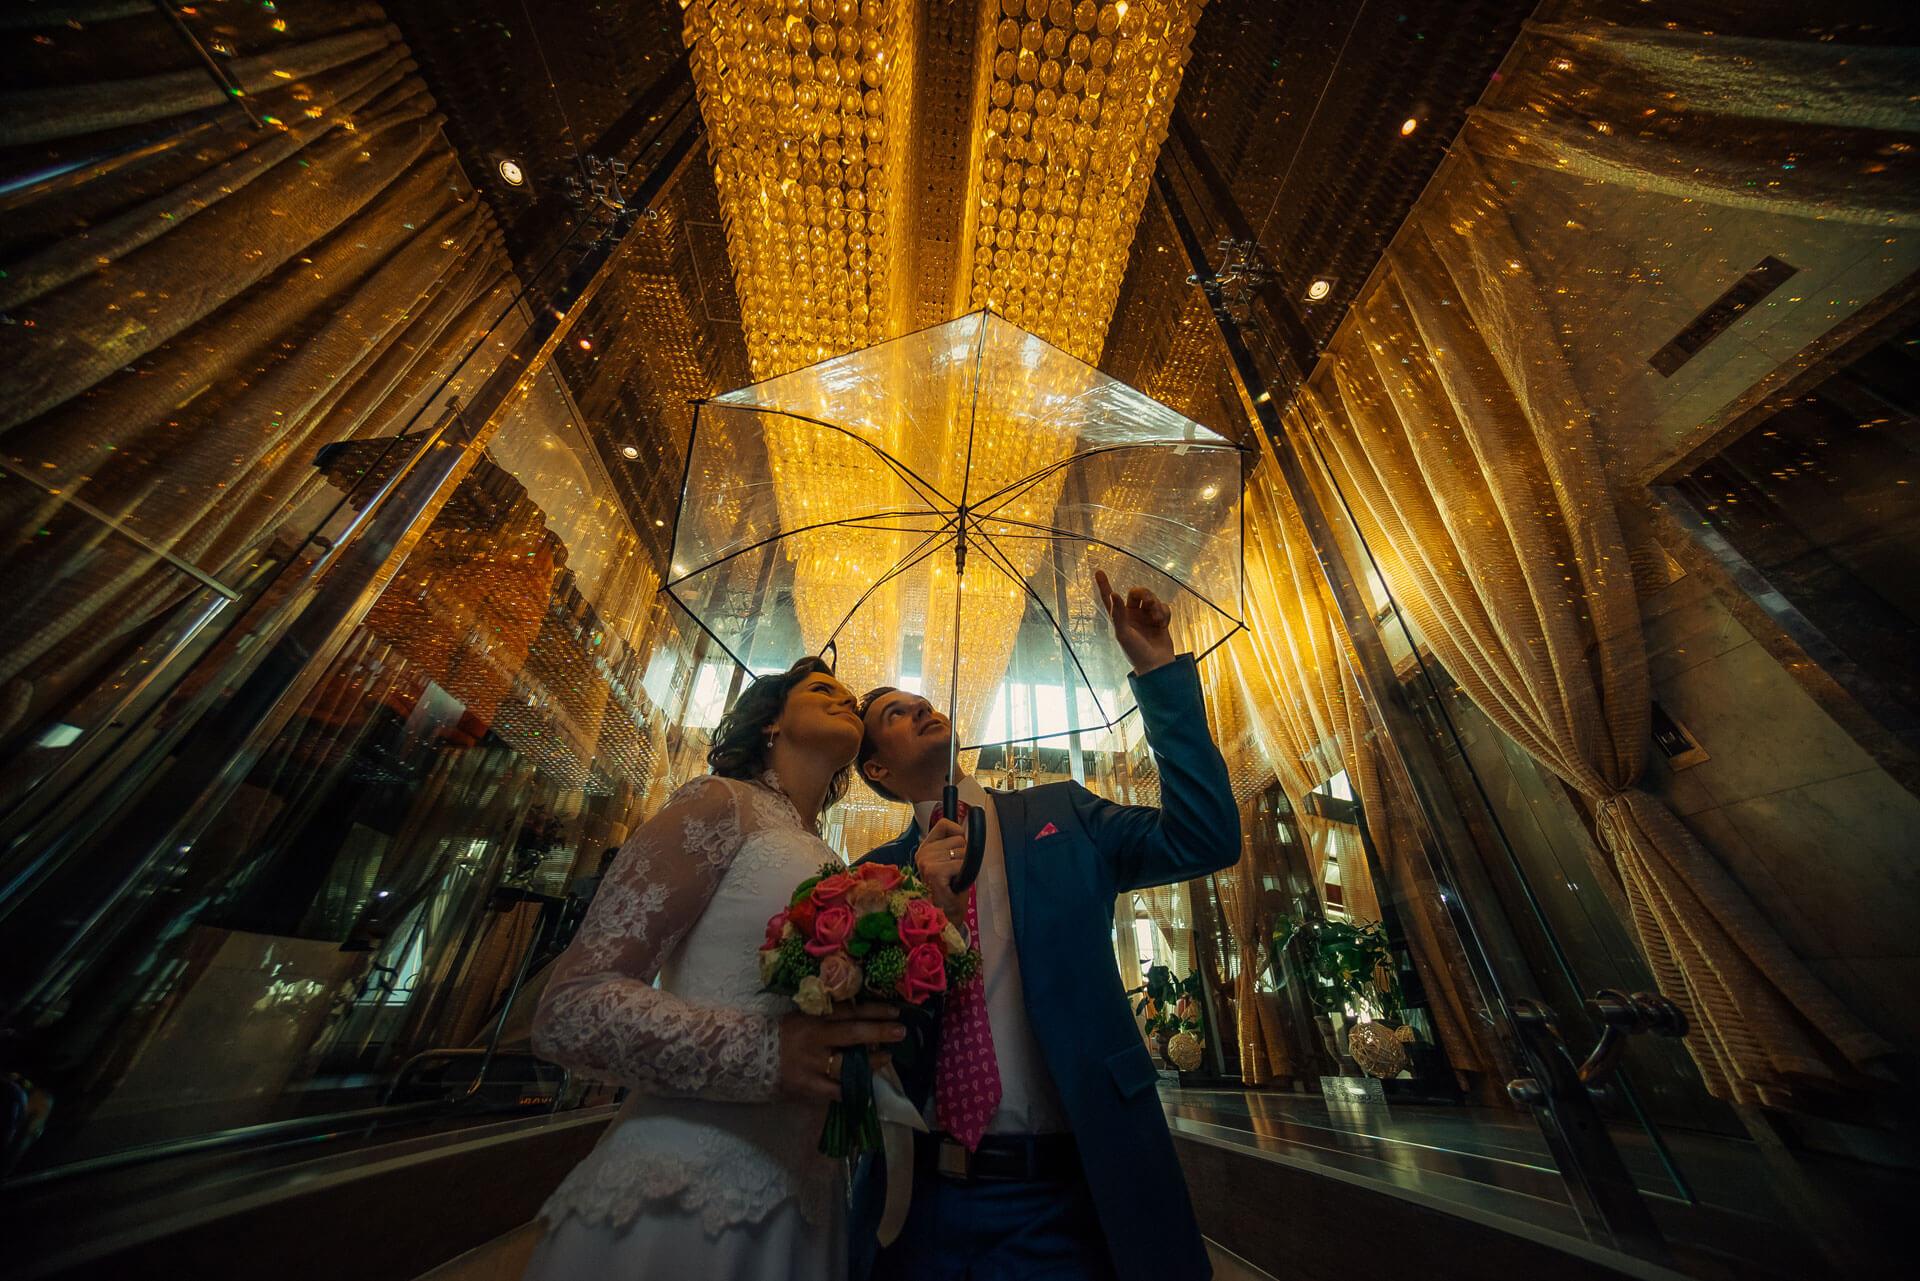 мечта легко необычные места для свадебной фотосессии краснодар знала, что